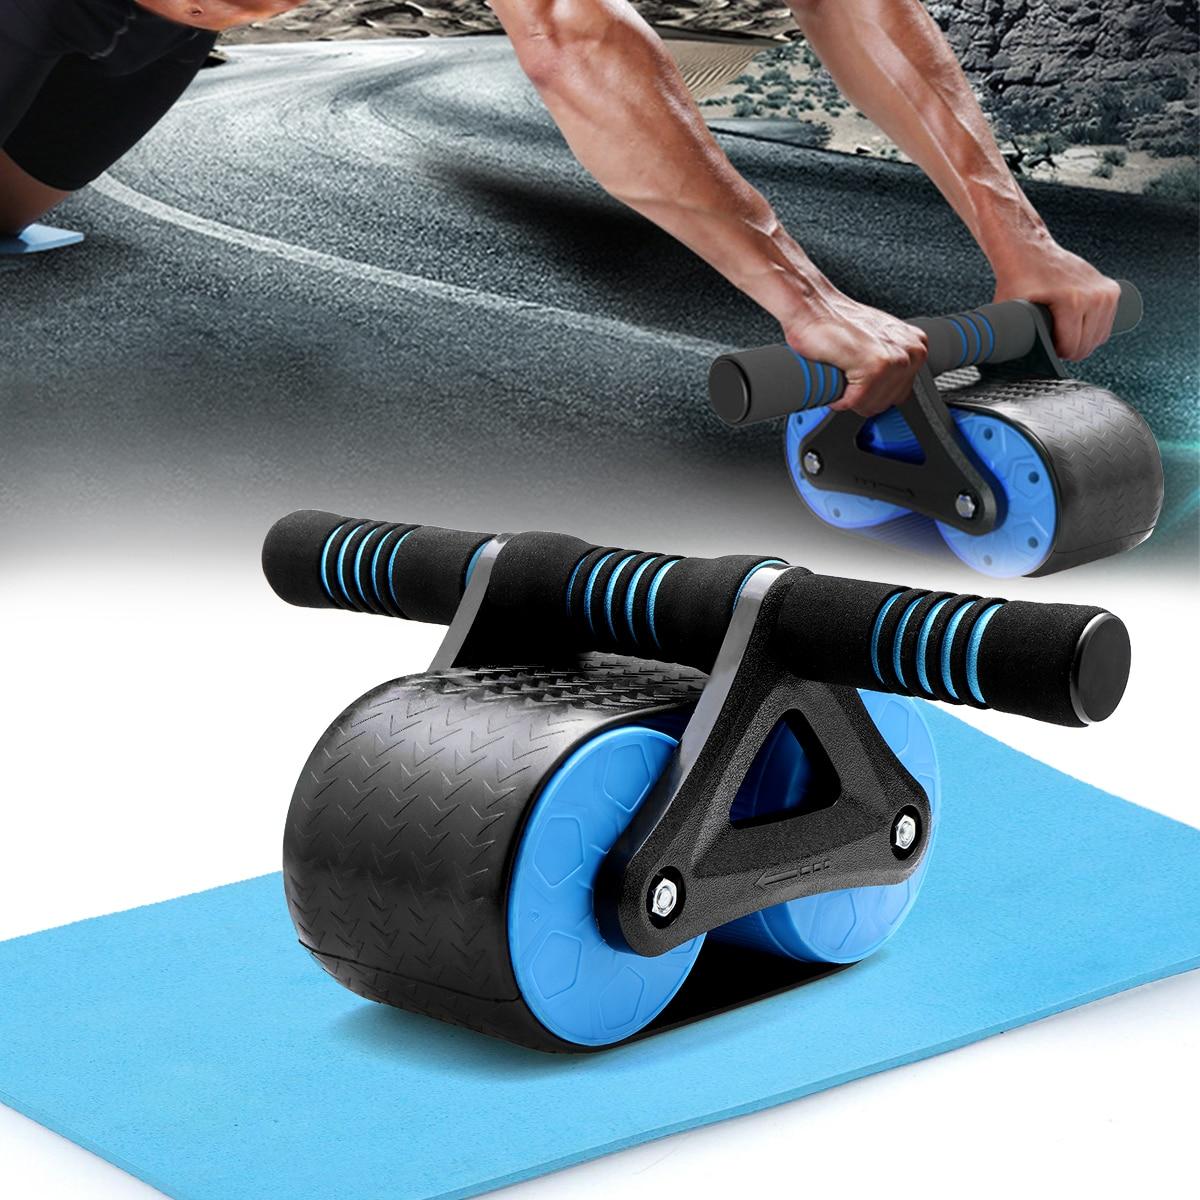 Muscles abdominaux Garder la Forme Roues Plus efficace Double Roue Ab Rouleau Avec Mat Pour L'exercice Fitness Equipment